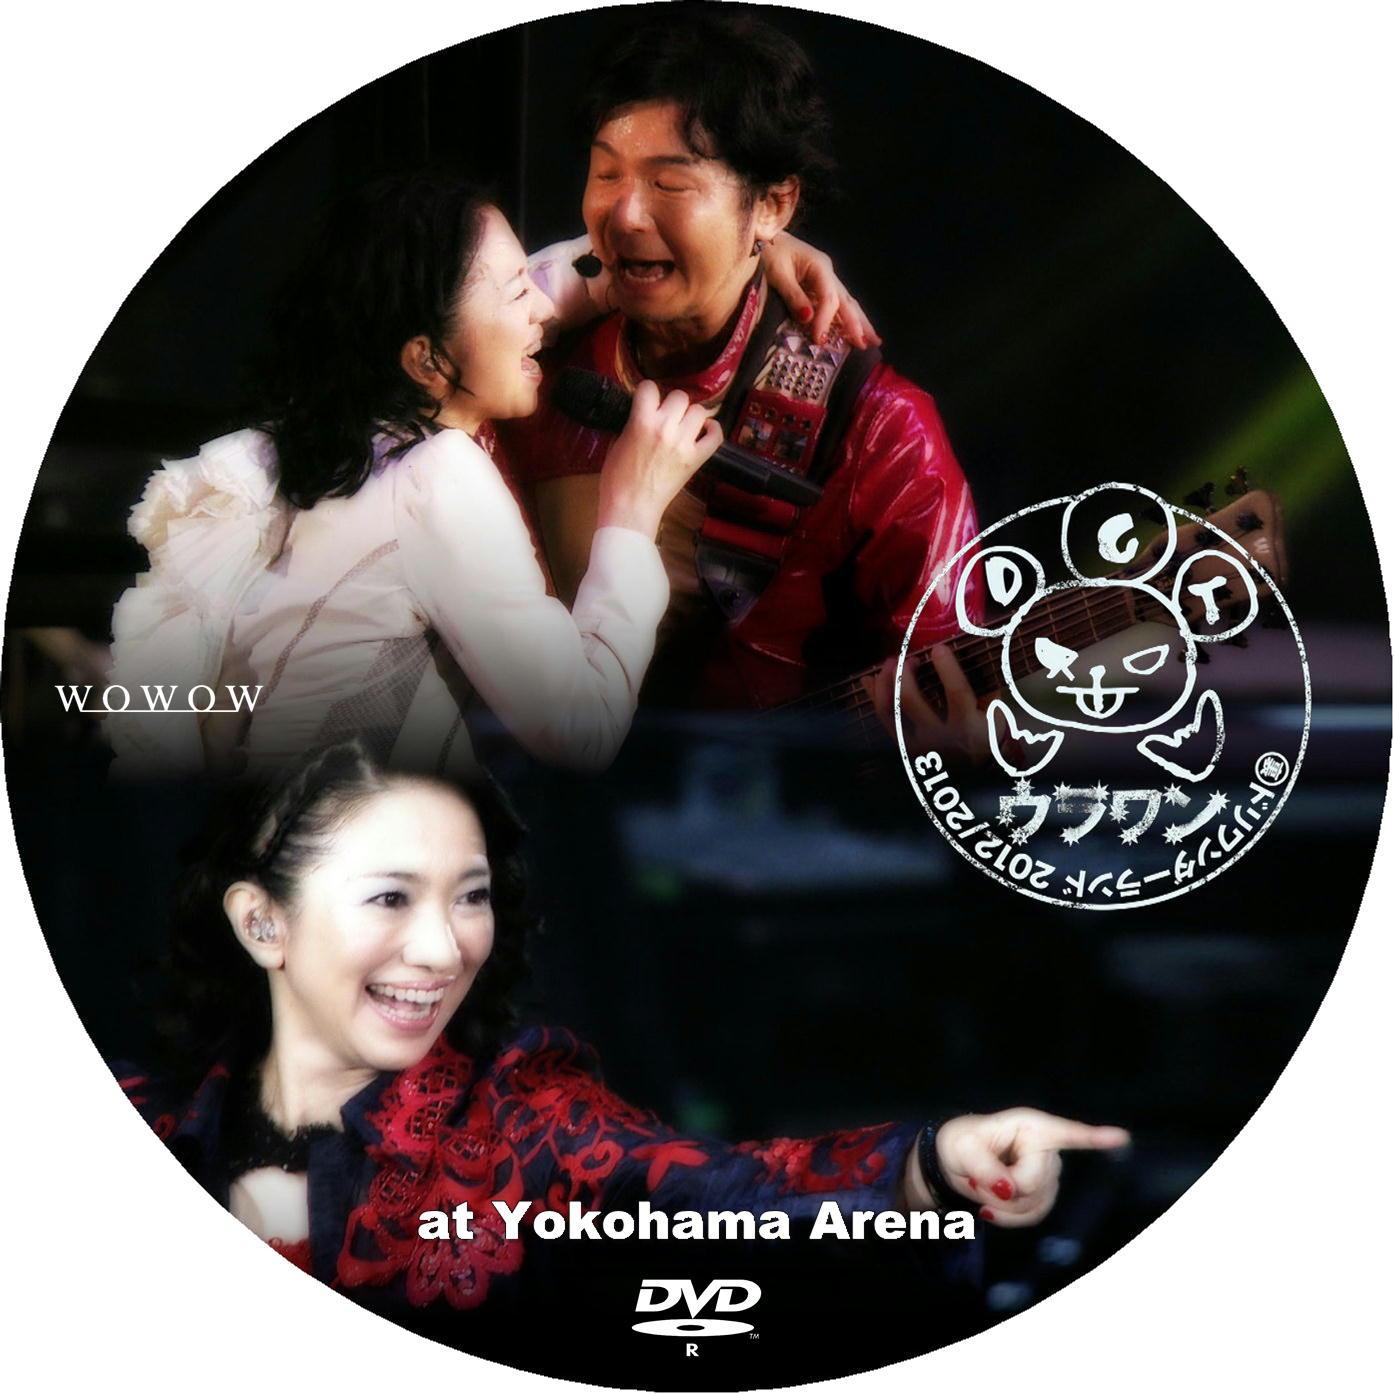 ドリカム ウラワン DVD1